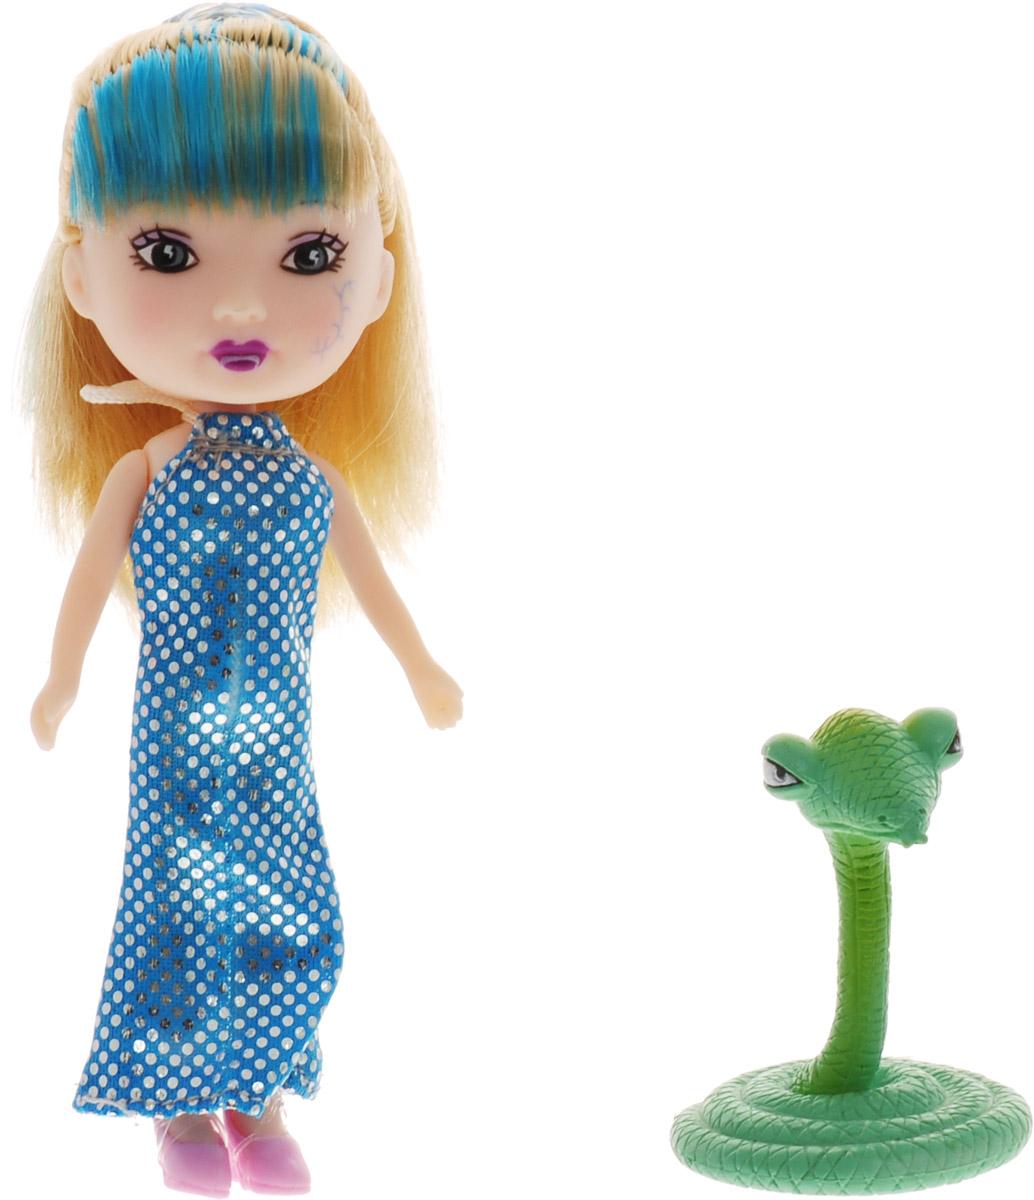 Veld-Co Мини-кукла Mona со змеей veld co мини кукла mona с черепахой